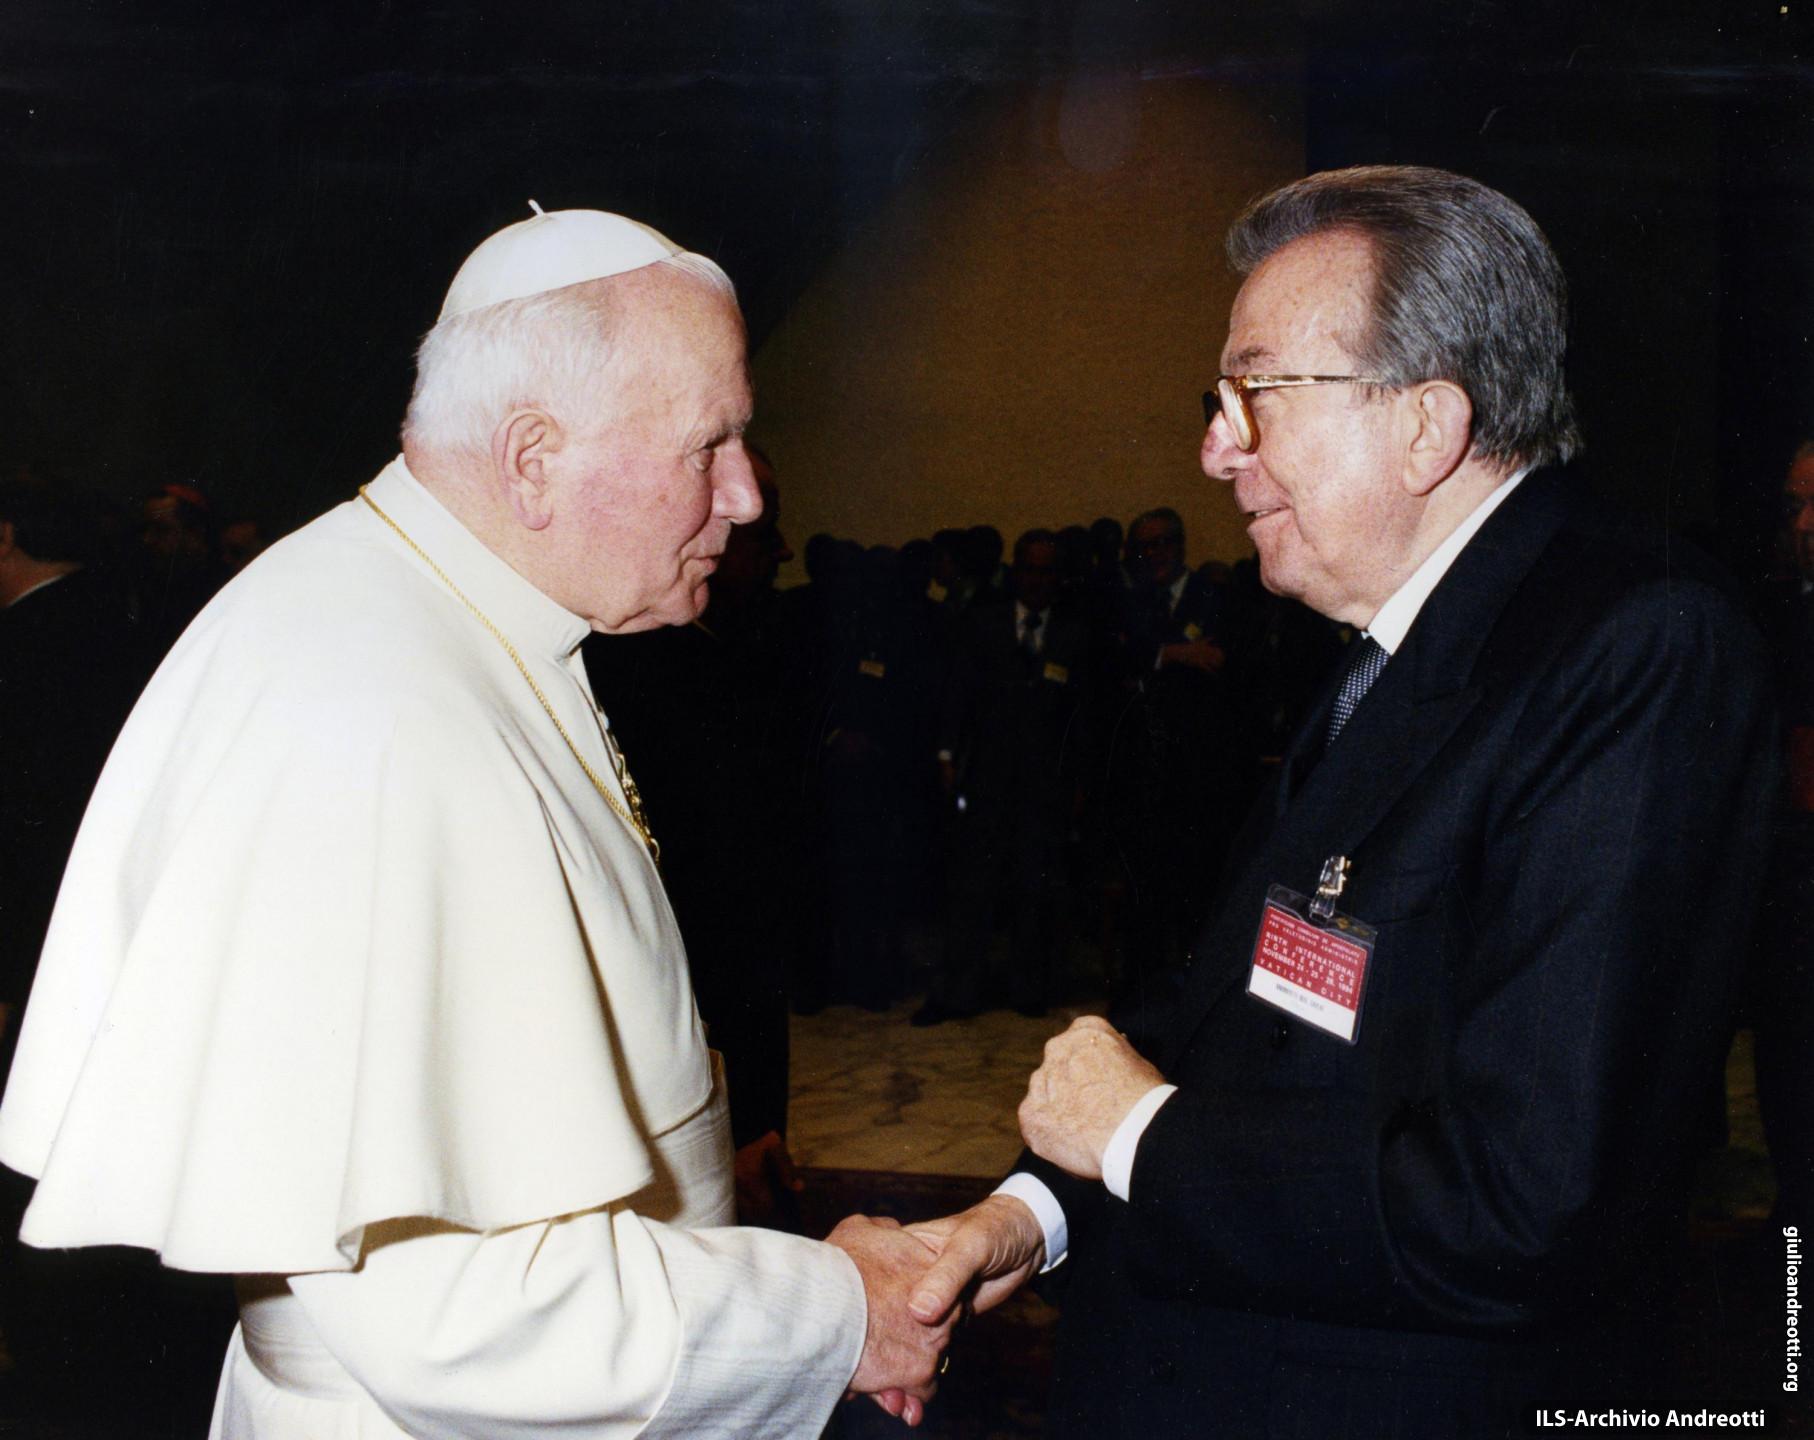 Andreotti con Giovanni Paolo II al Congresso della Congregazione per la Pastorale della Sanità svoltosi nei giorni 24 - 26 novembre 1994.